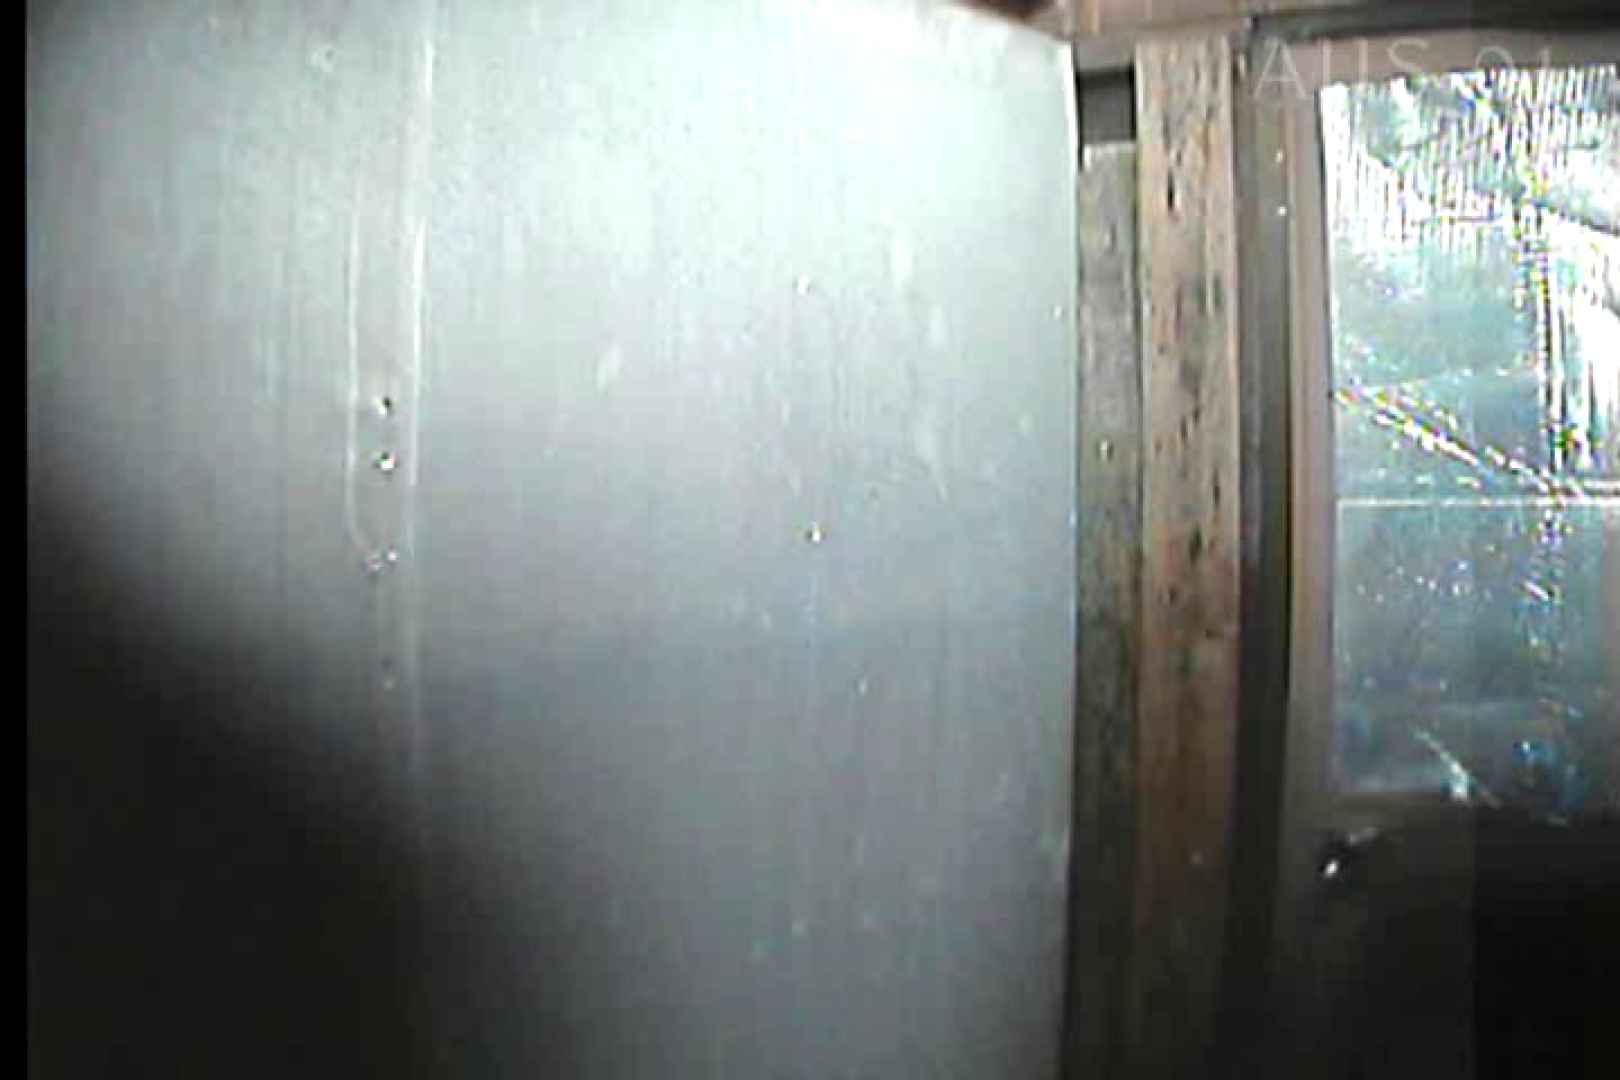 露天風呂脱衣所お着替え盗撮 Vol.01 OLのボディ セックス画像 69PIX 67